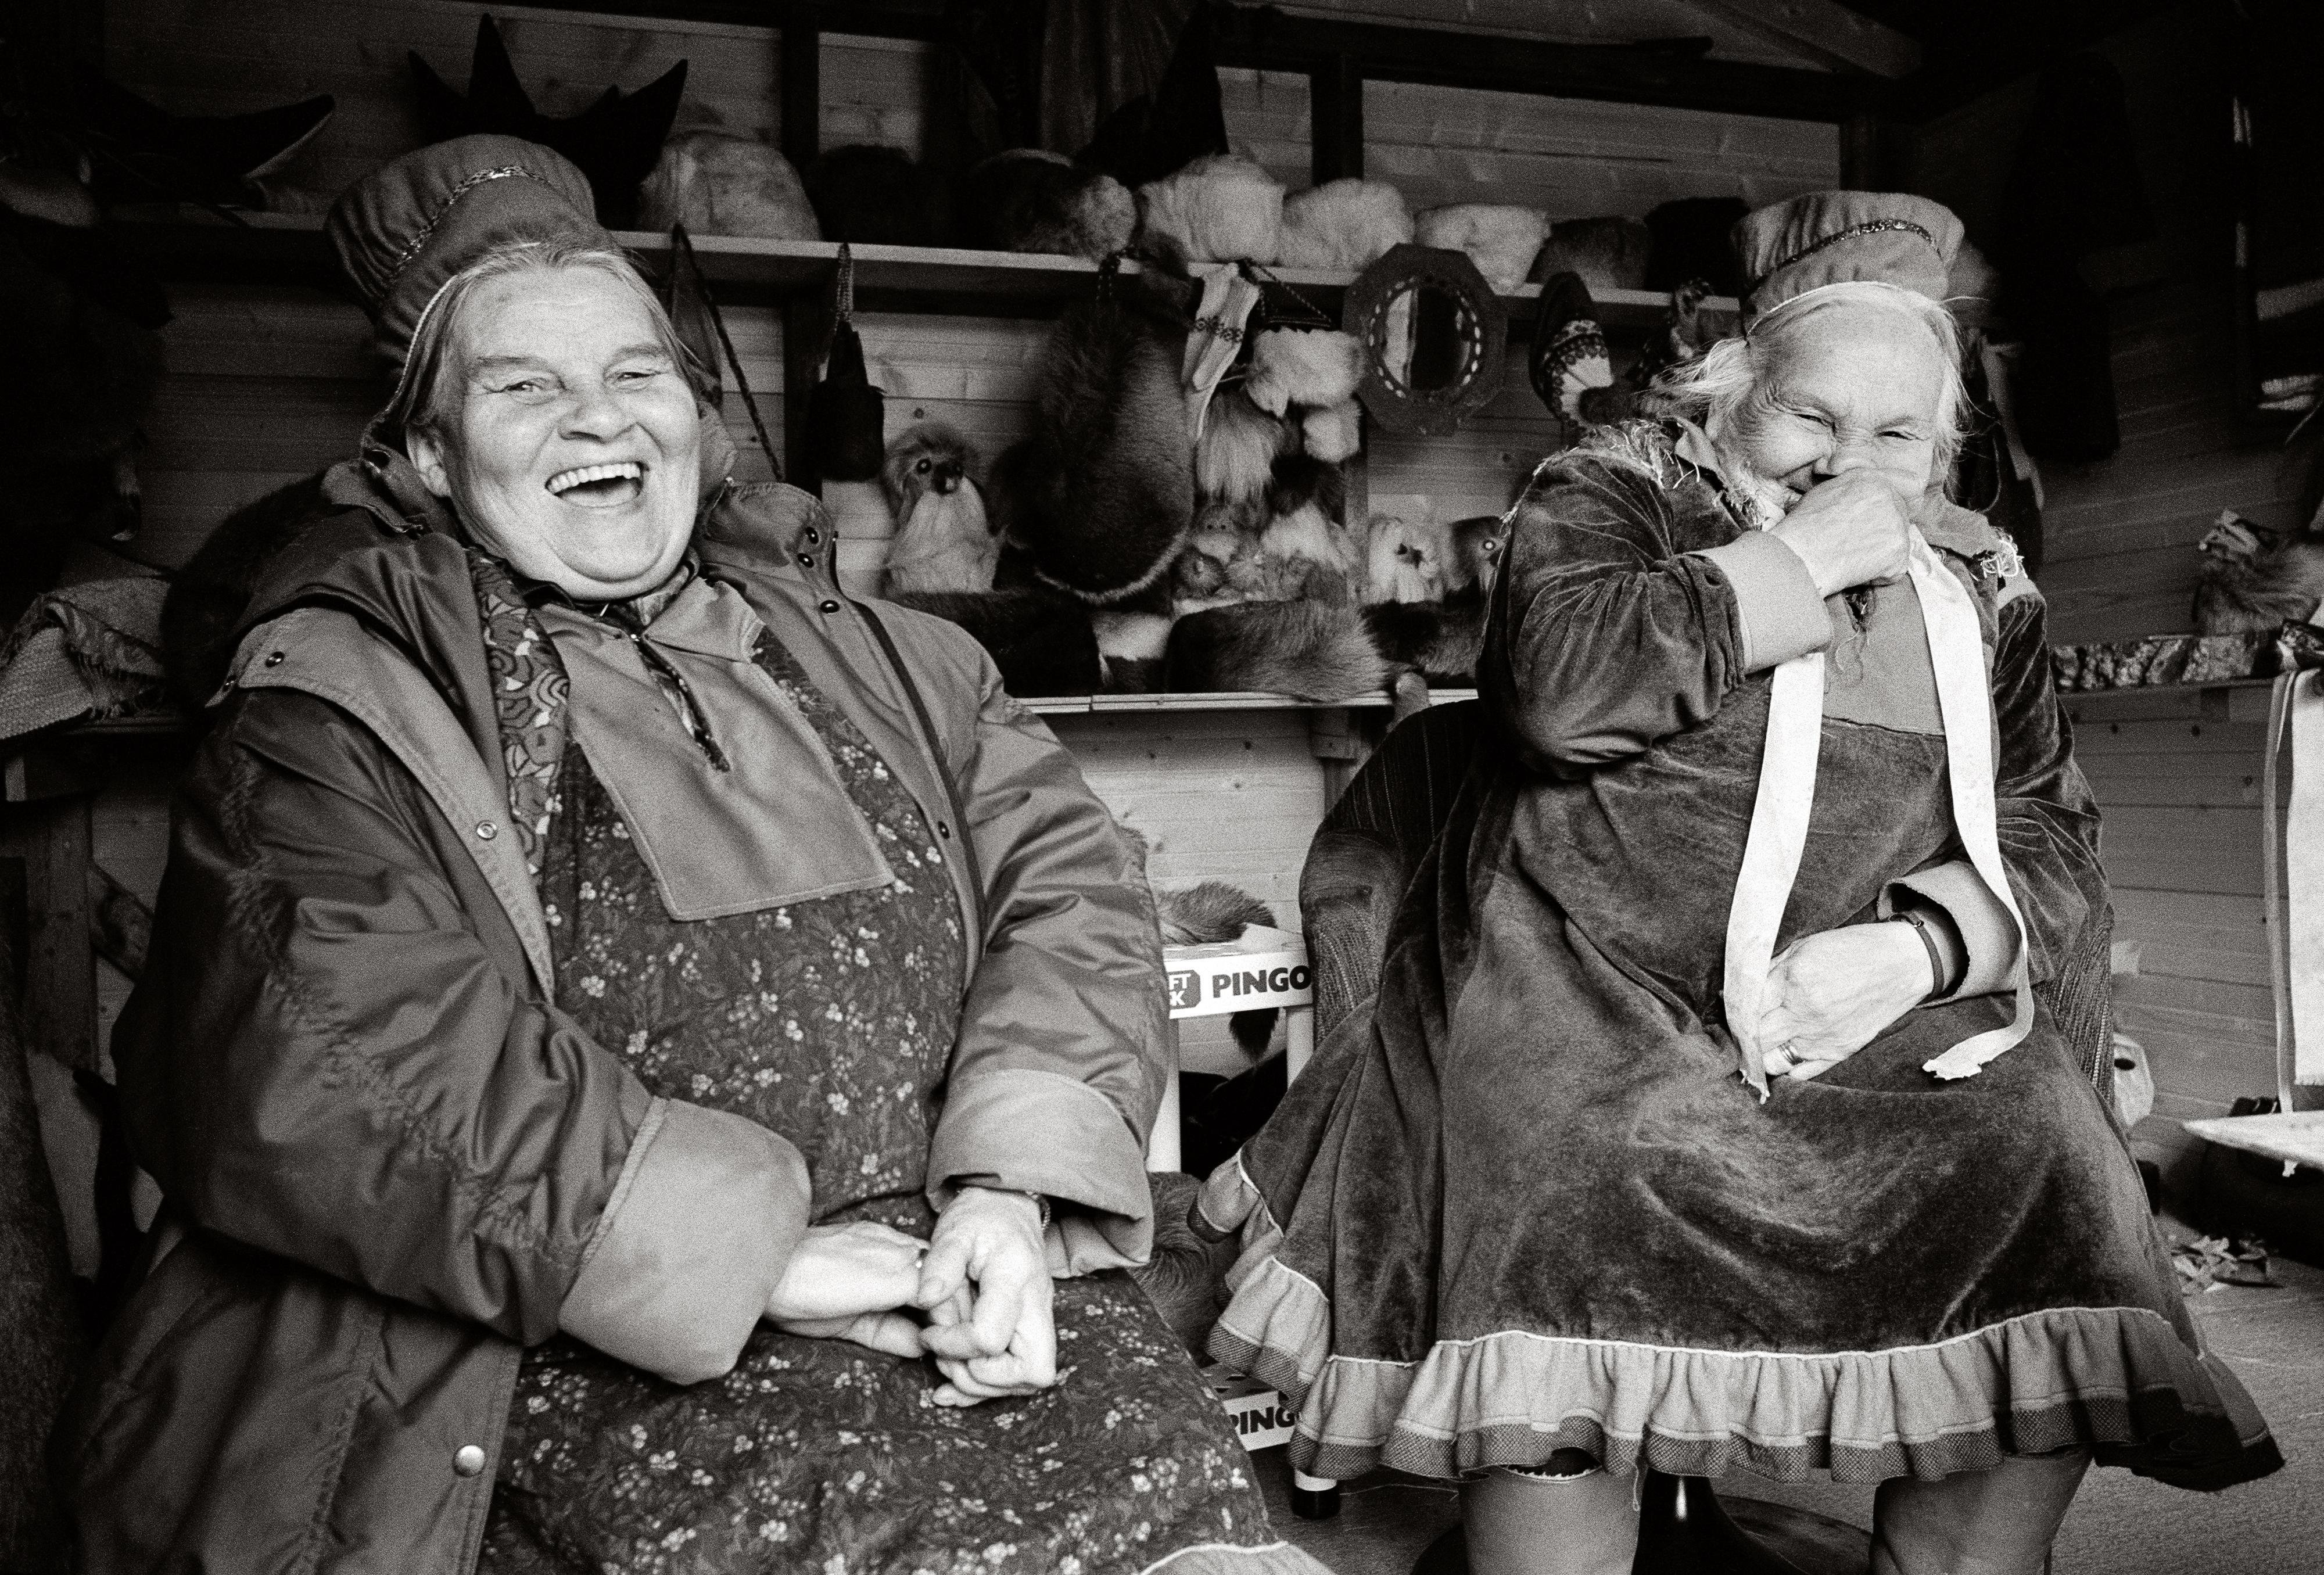 Les soeurs Marit et Inga Kemi  dans leur boutique souvenir. (Courtoisie de Fred Ivar Utsi Klemetsen)